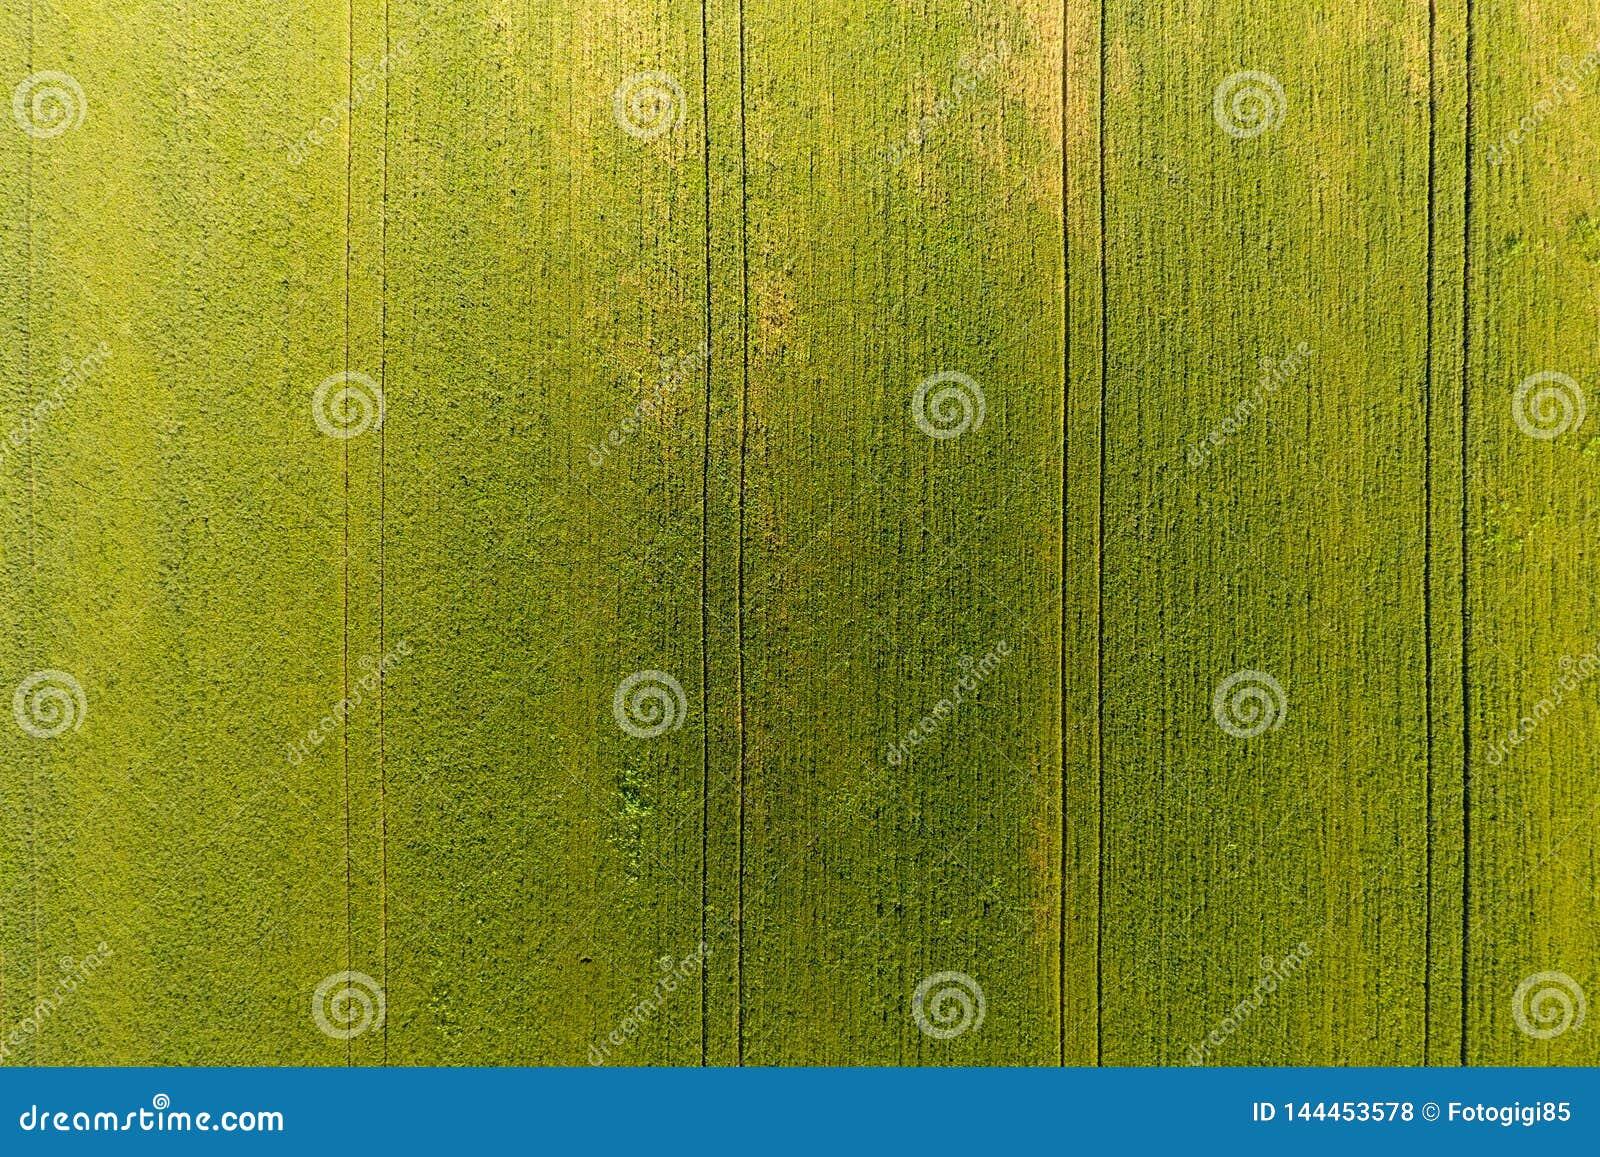 Beschaffenheit des Weizenfeldes Hintergrund des jungen grünen Weizens auf dem f